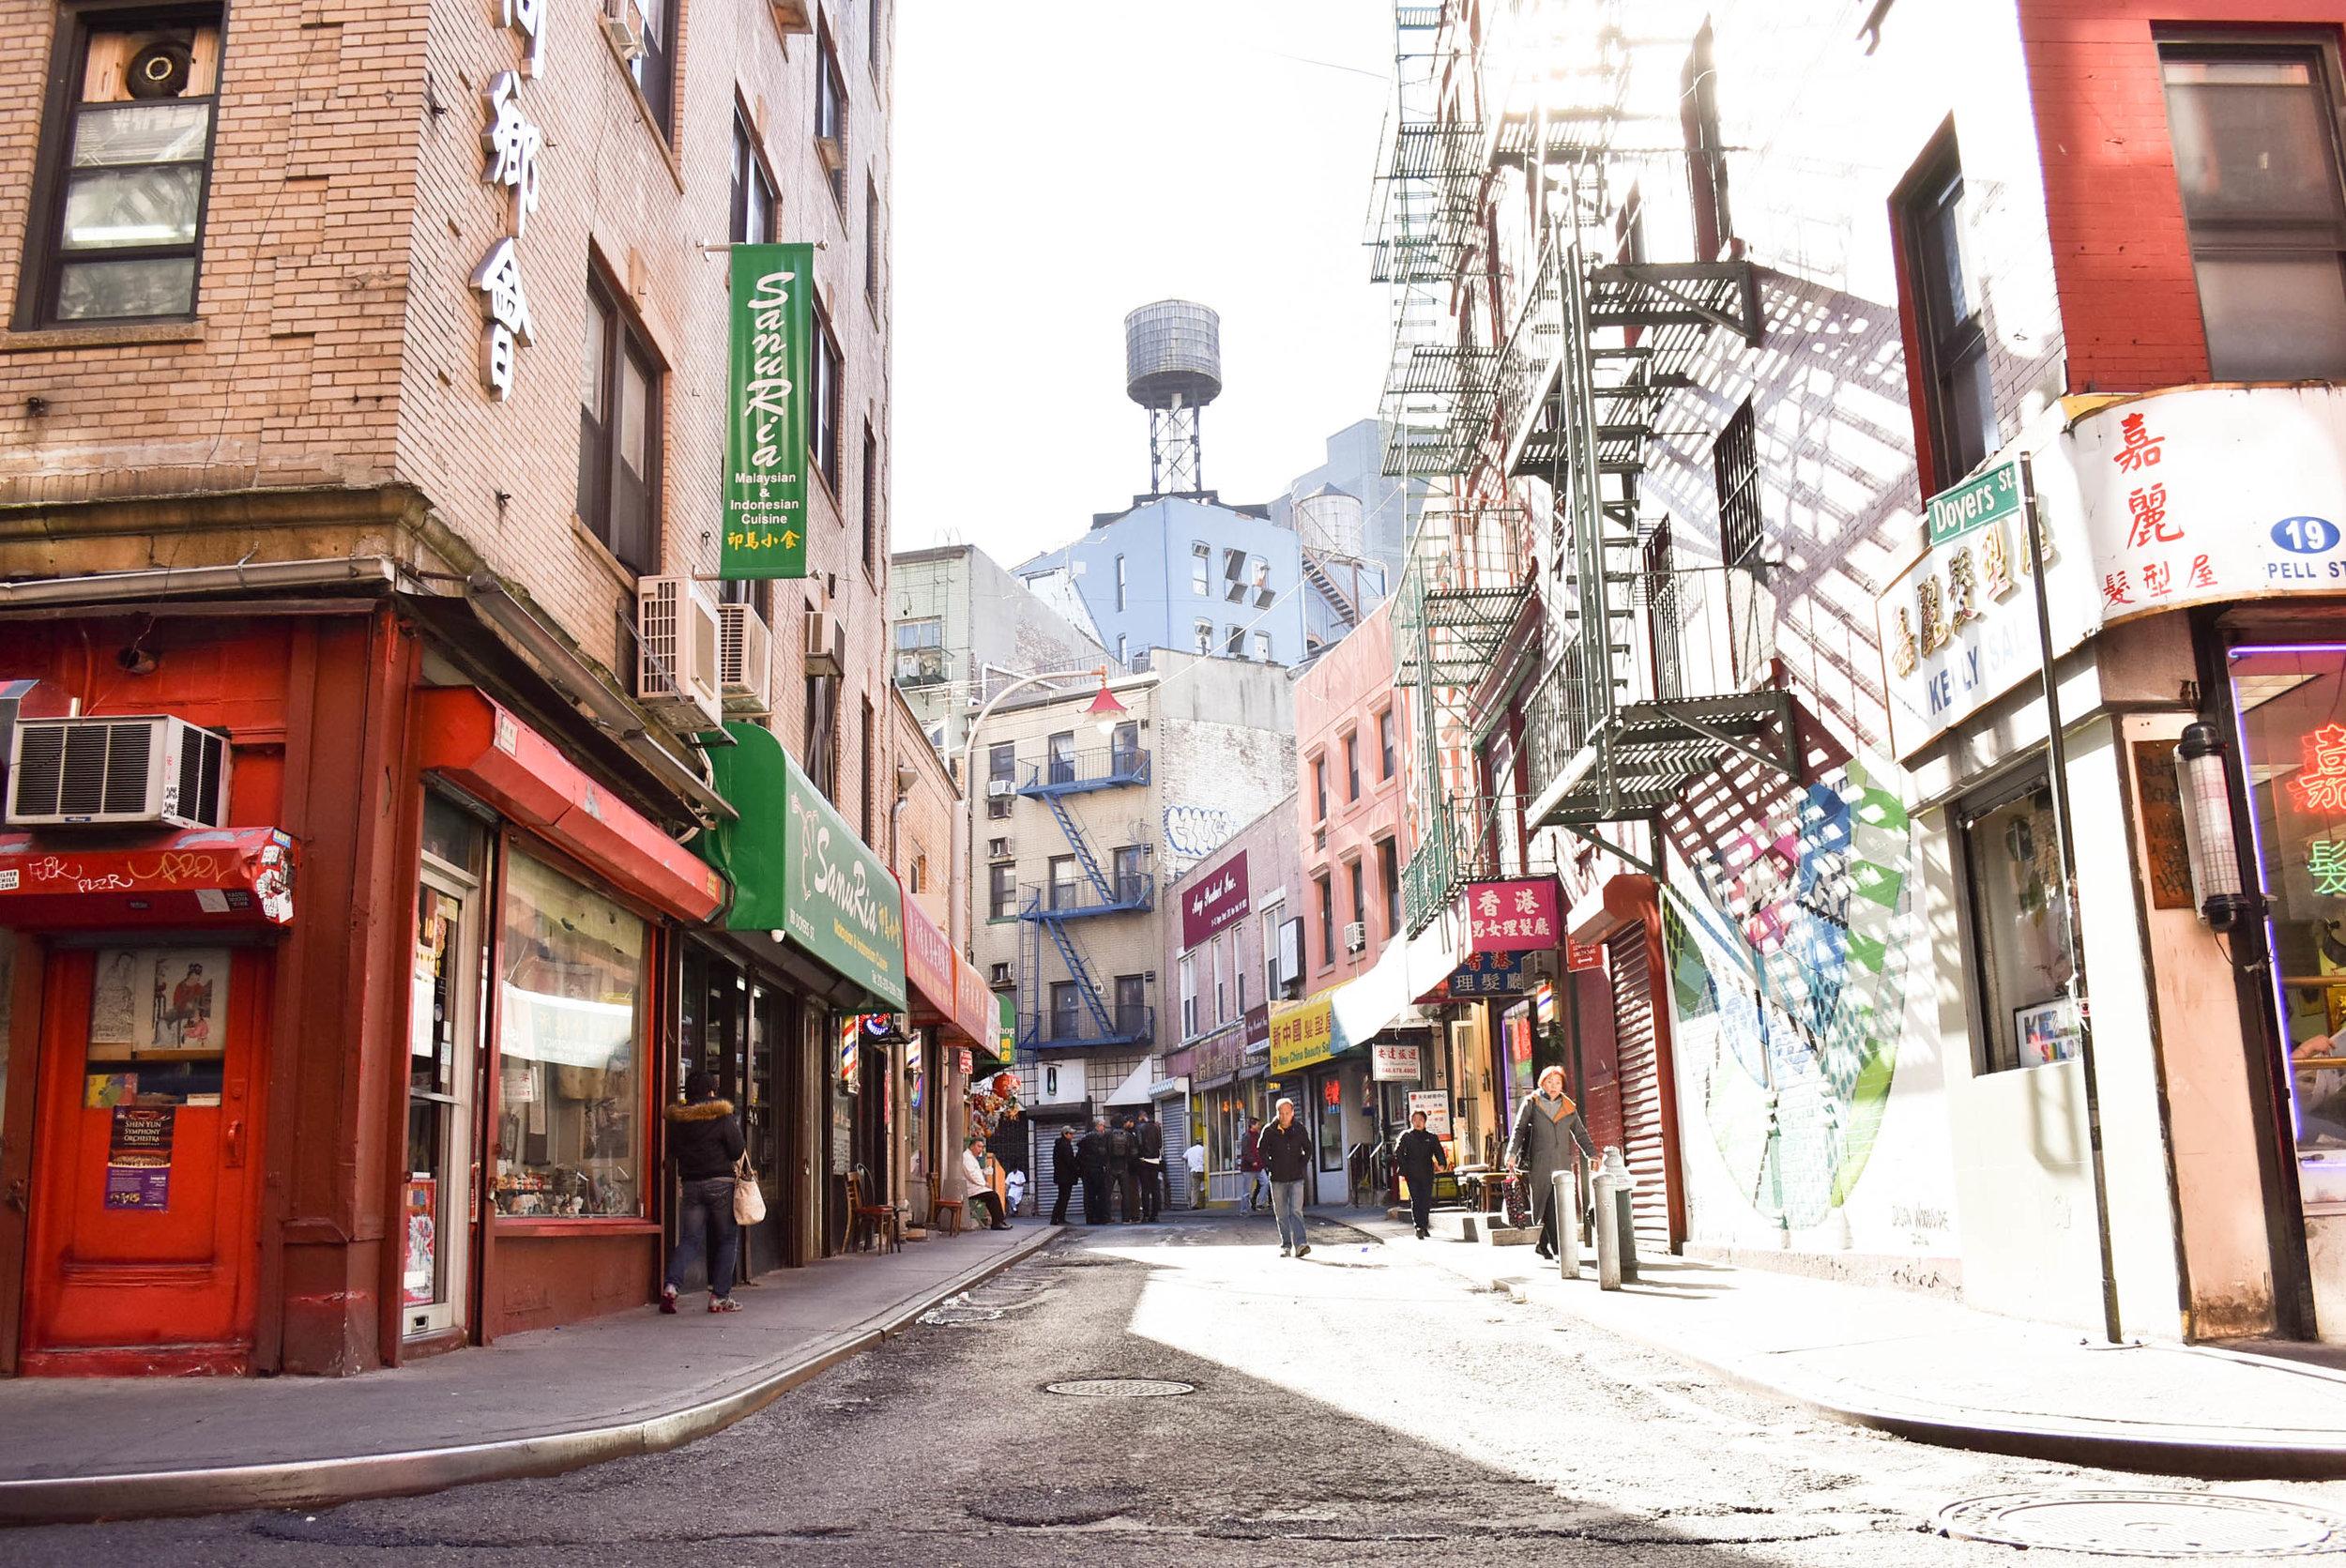 Doyers St. Chinatown, NYC